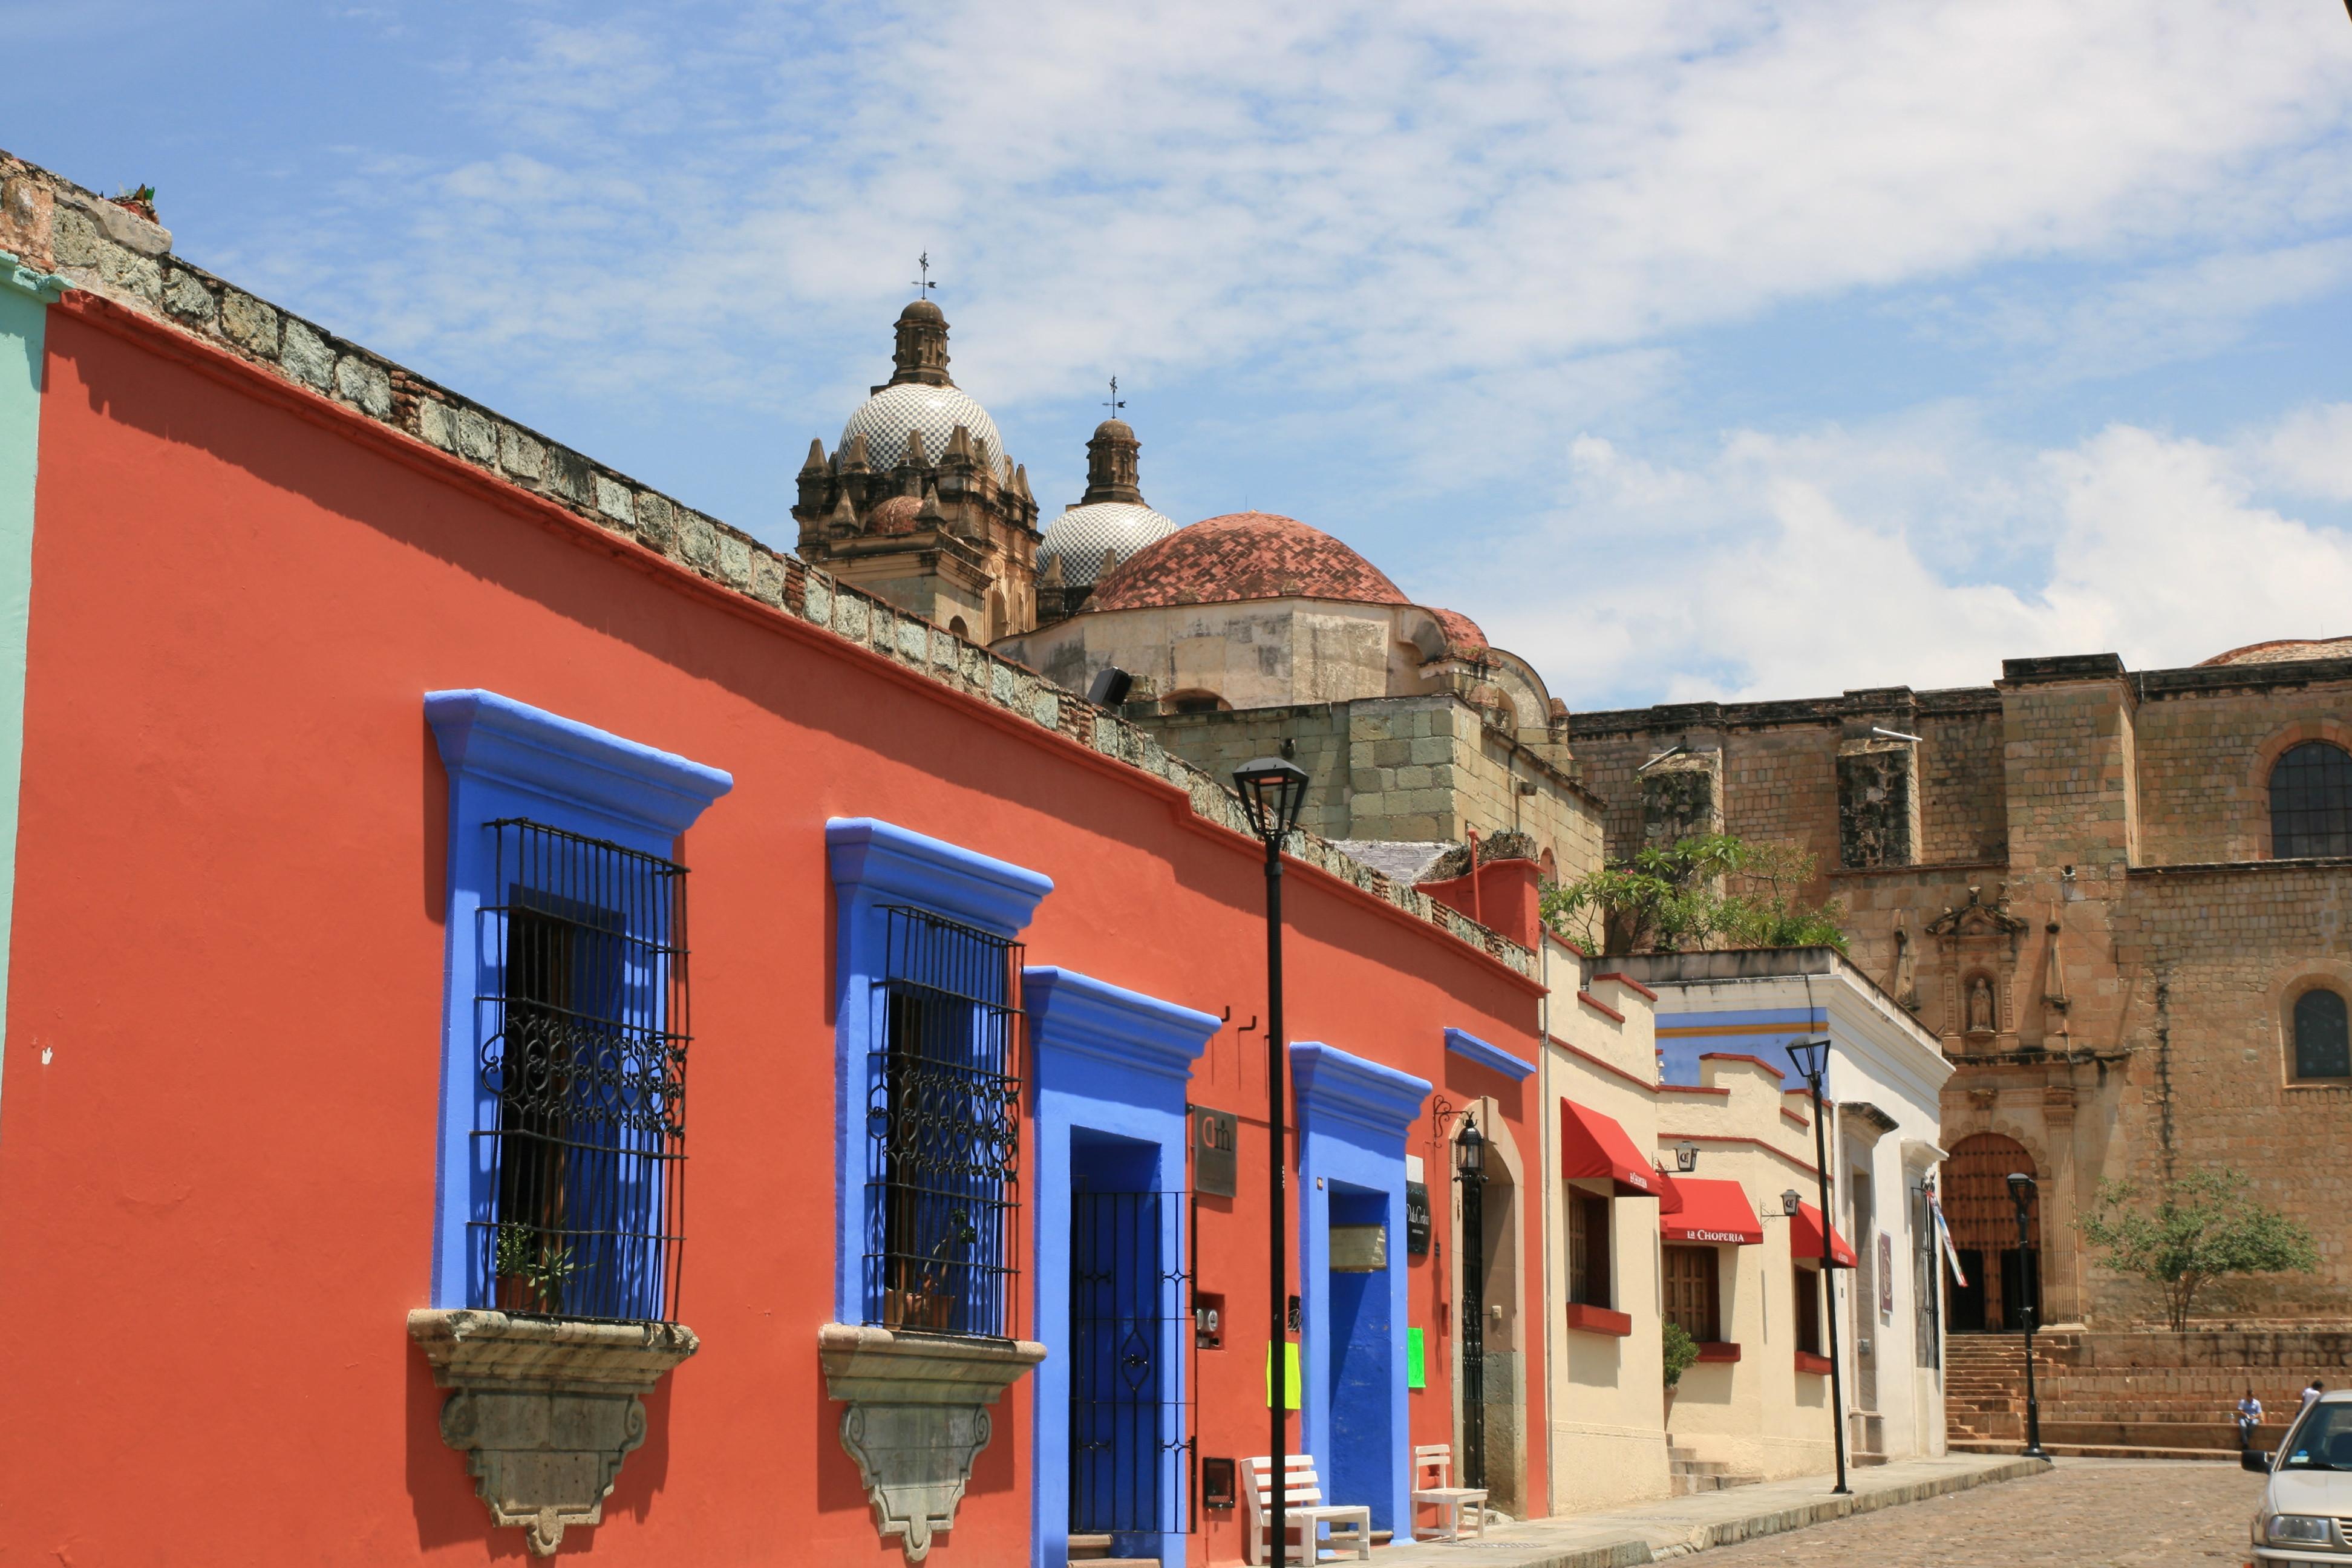 Zadbane ulice Oaxaca